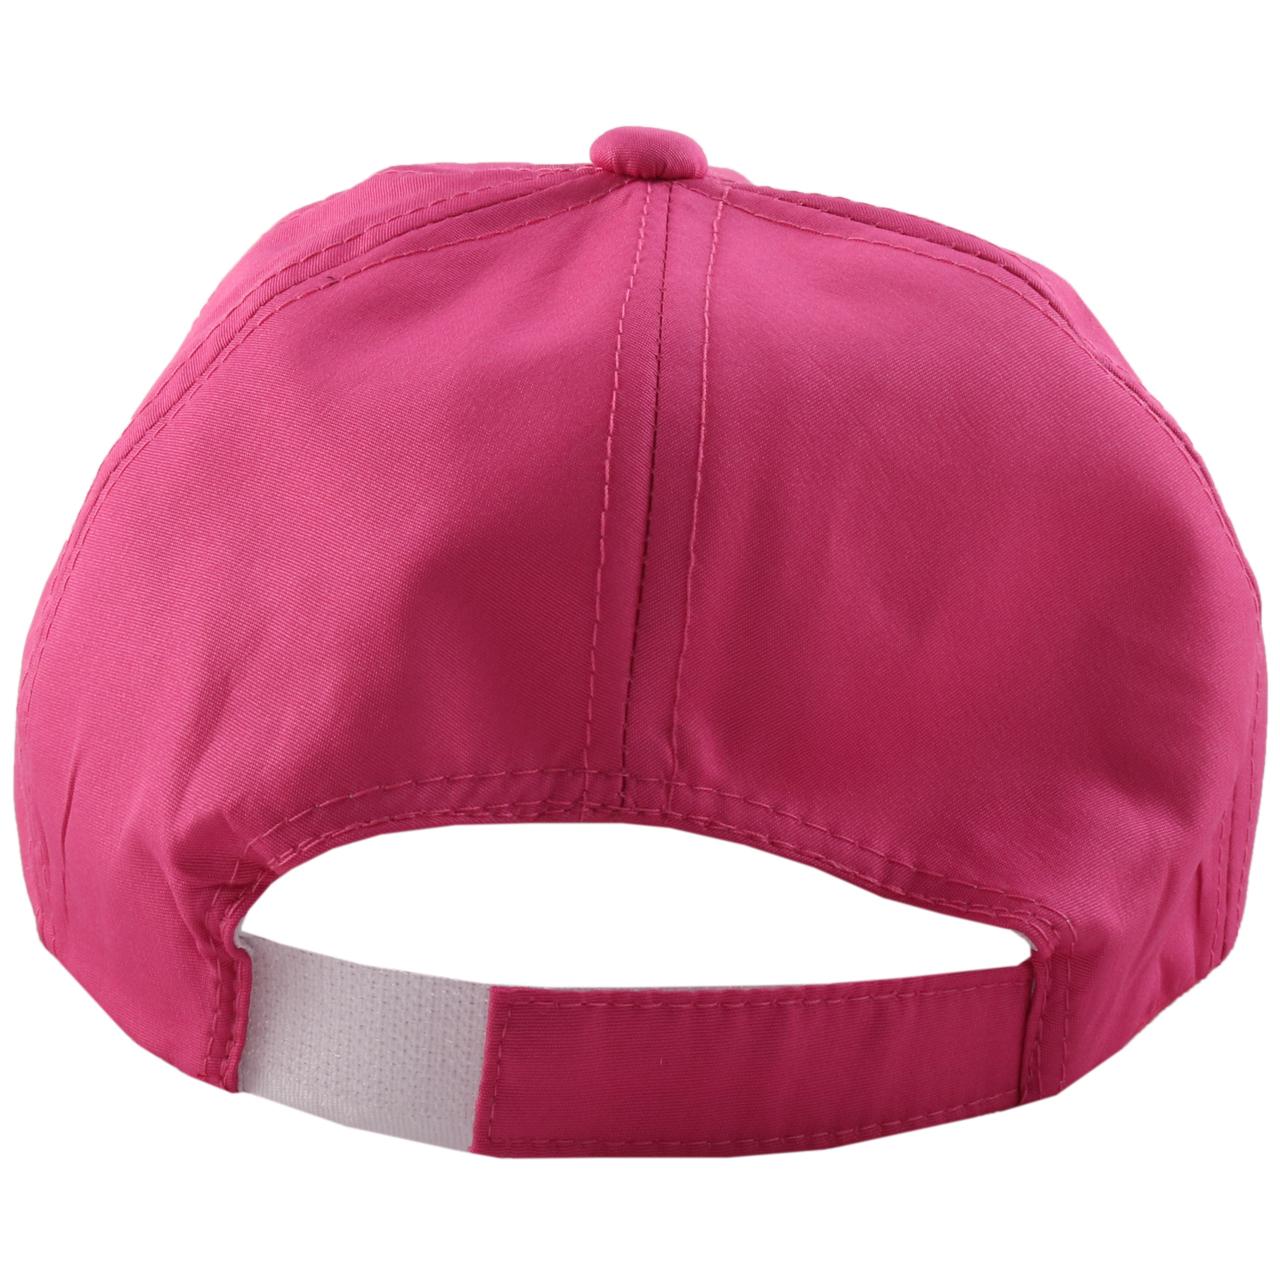 کلاه کپ مردانه مدل PJ-3219 main 1 2